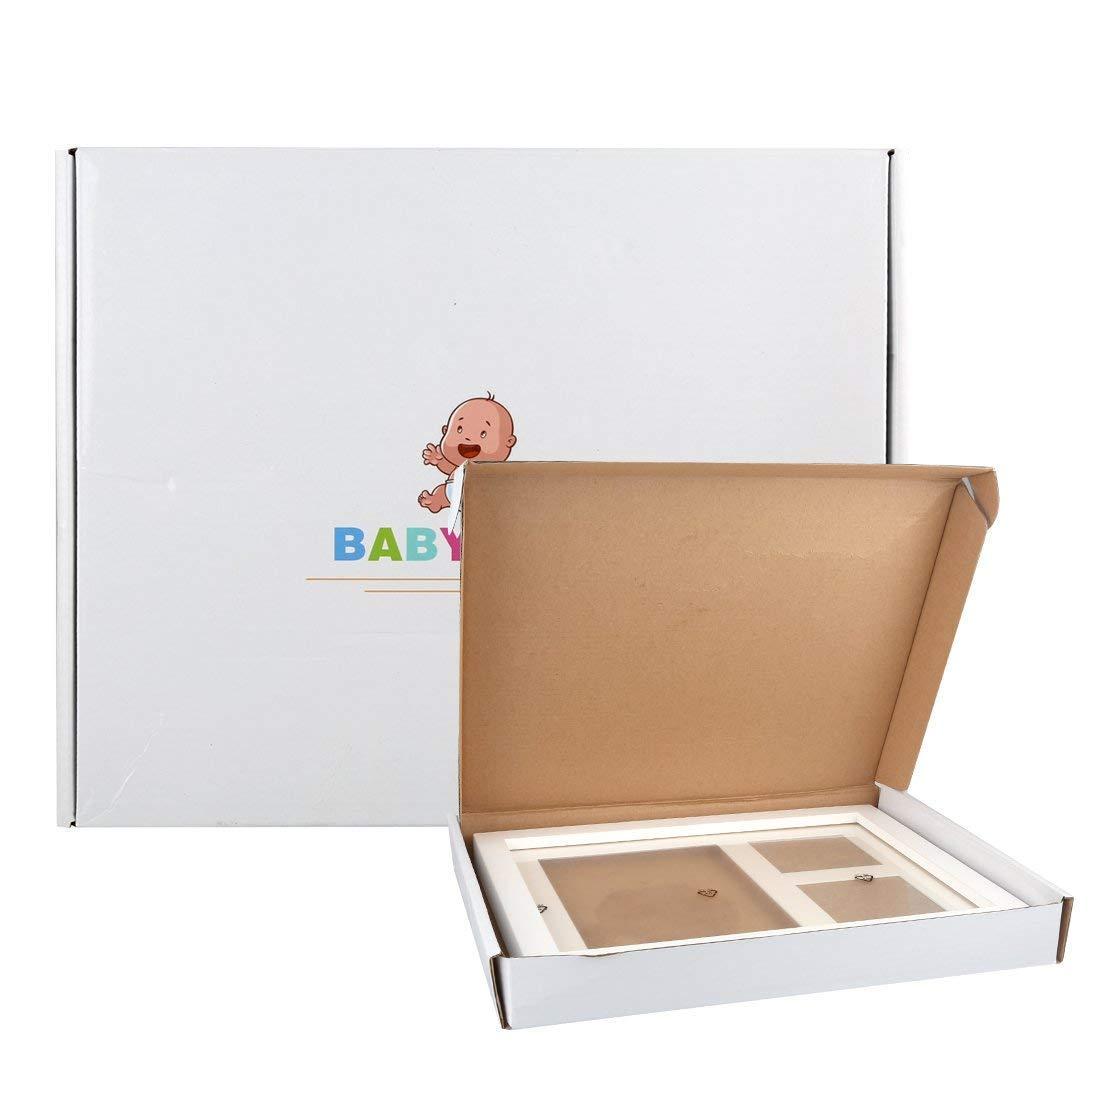 3D DIY Foto Bereich Weihnachtsgeschenke f/ür S/ü/ße Ewigkeit Erinnerungen Ungiftigem Lehm Mit Geschenk Box Baby Bilderrahmen Fotorahmen,Tatuer Holzbilderrahmen Baby Rahmen Abdruck